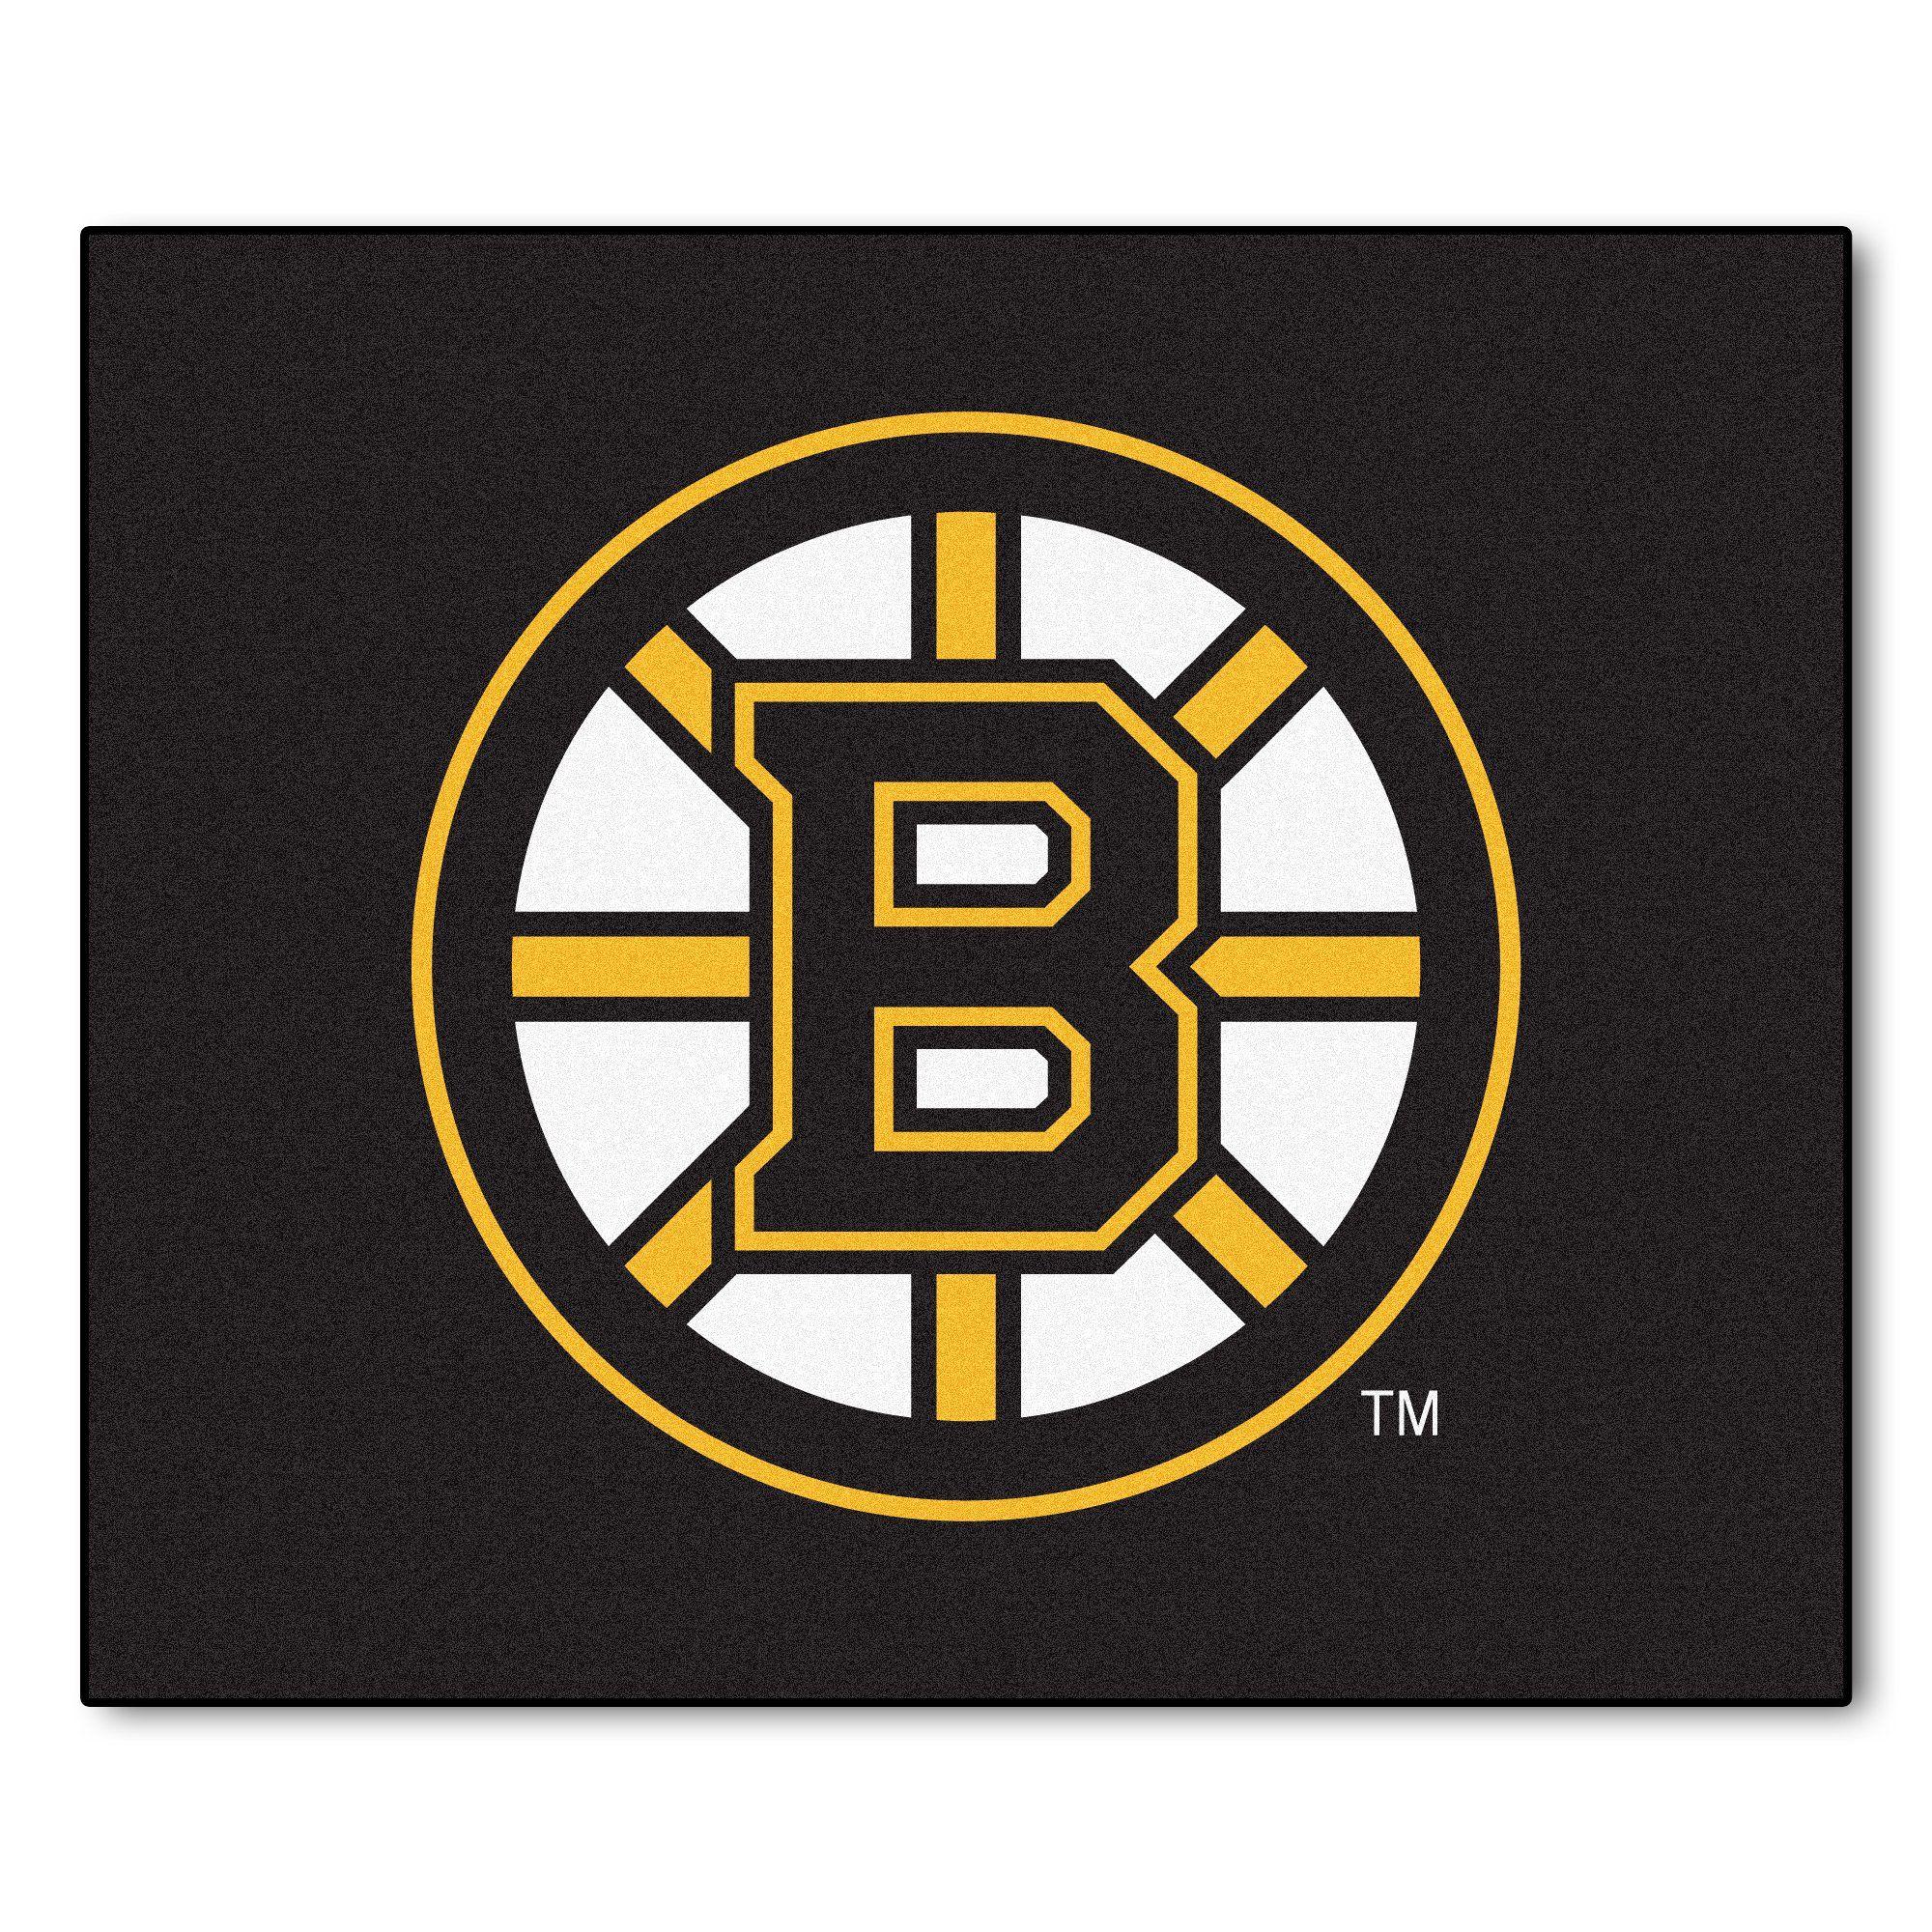 Nhl Boston Bruins Tailgater Rug 5 X6 Boston Bruins Logo